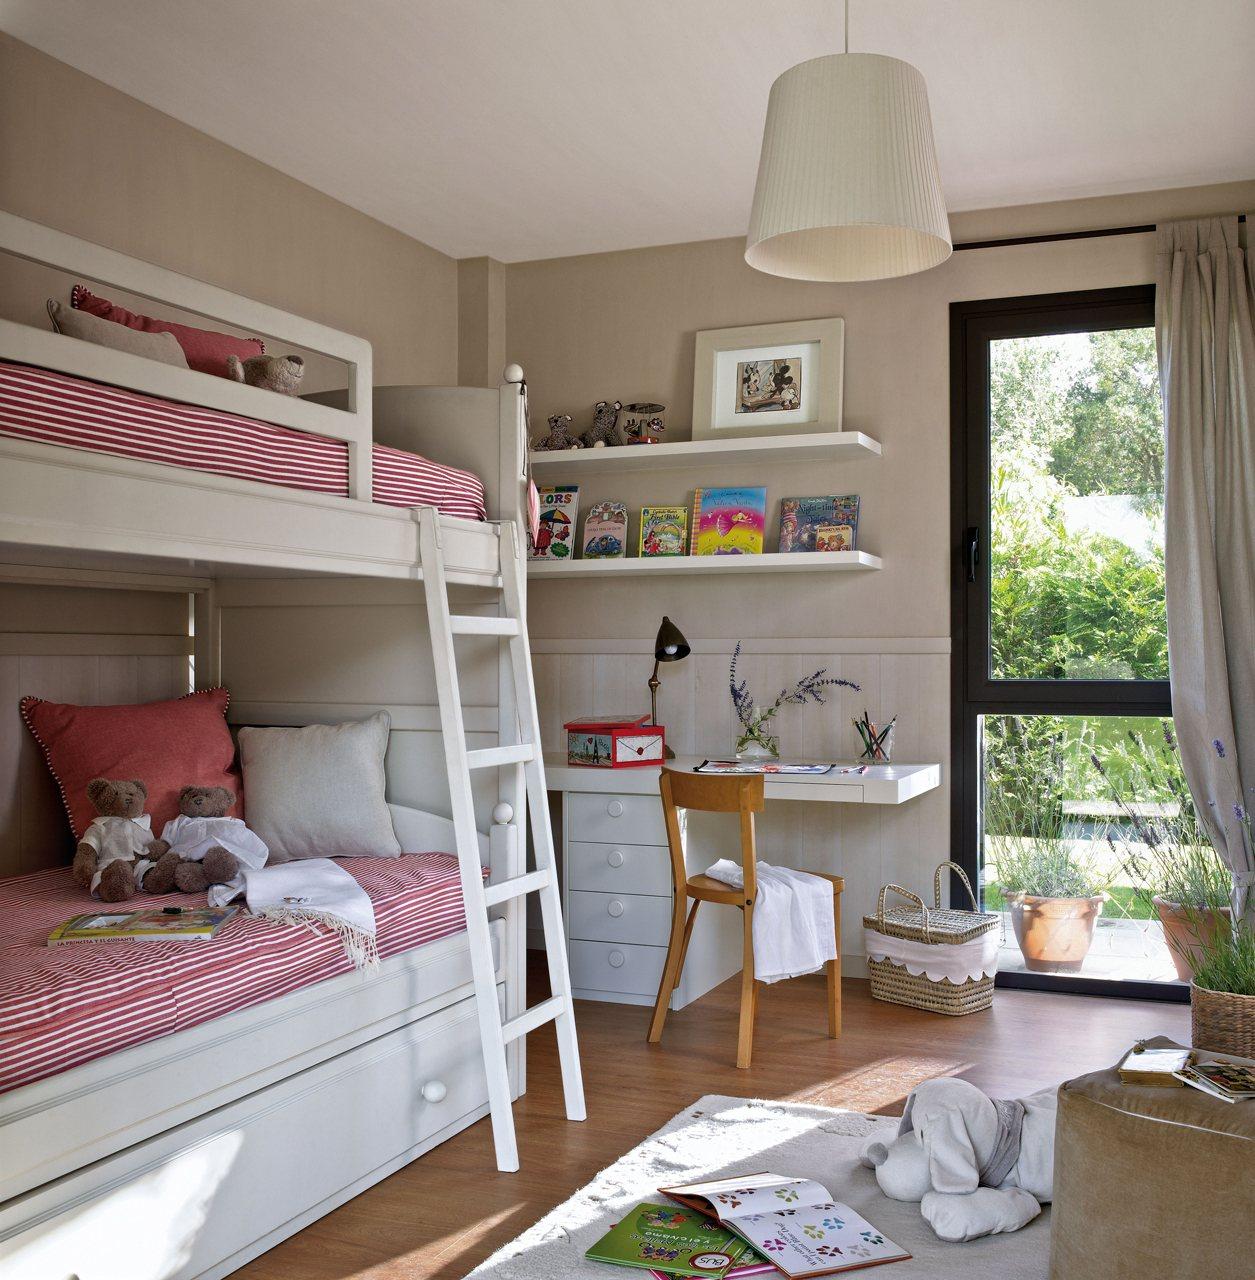 Dormitorios infantiles peque os s cales partido for Literas con cama nido ikea